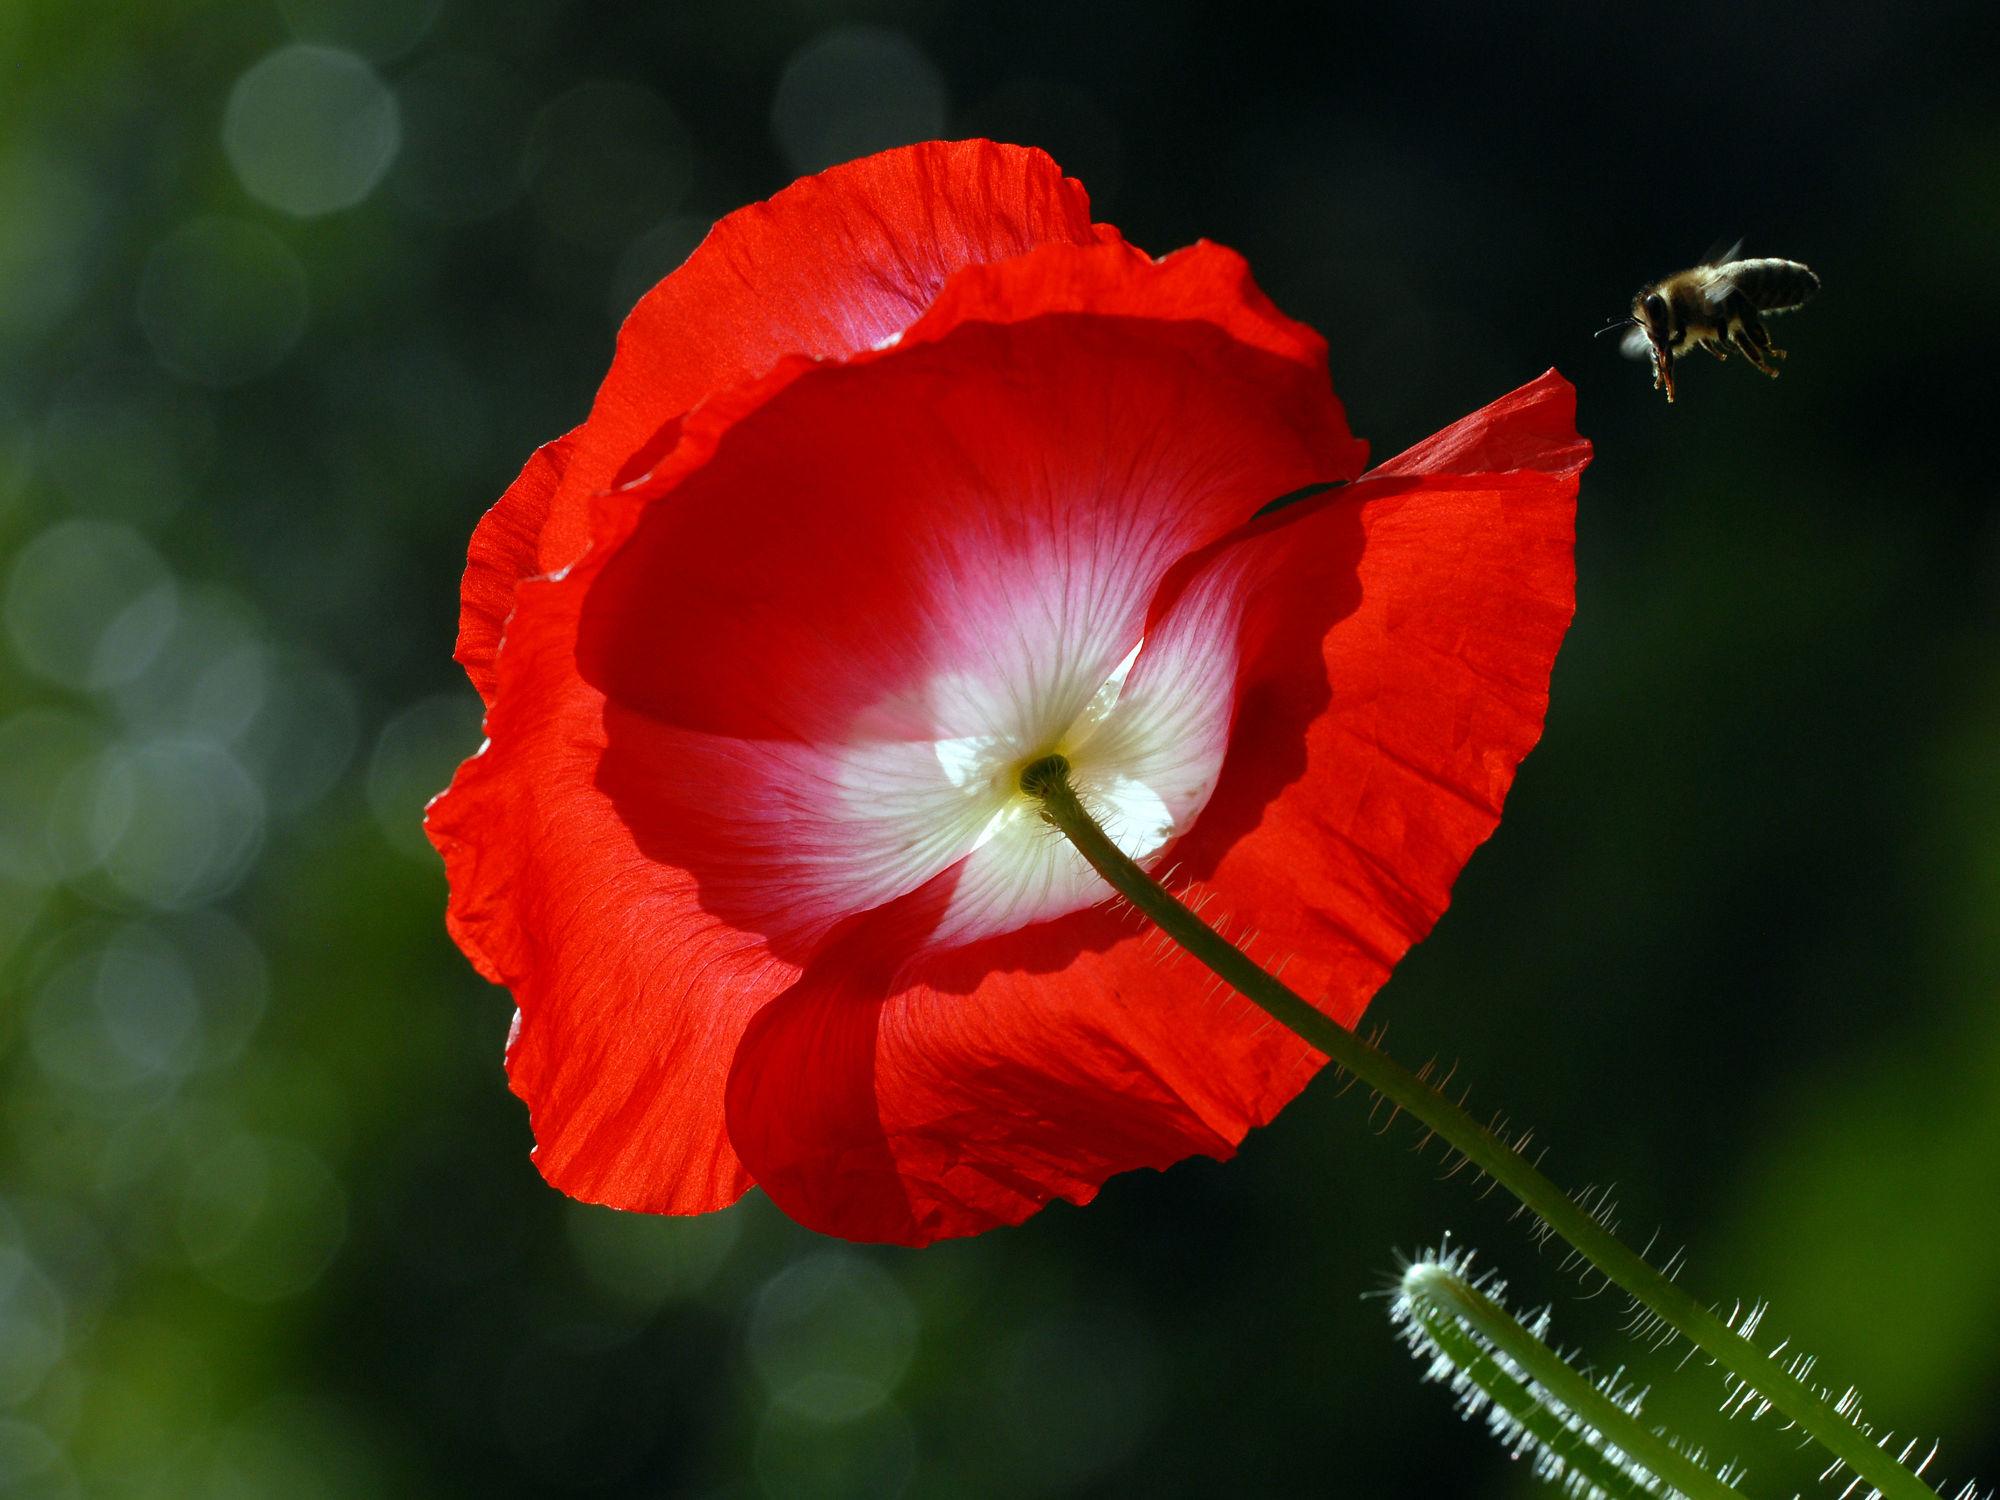 Bild mit Grün, Blumen, Weiß, Rot, Insekten, Sonne, Mohnblüte, Gegenlicht, Licht, Felder, garten, Wiesen, Biene